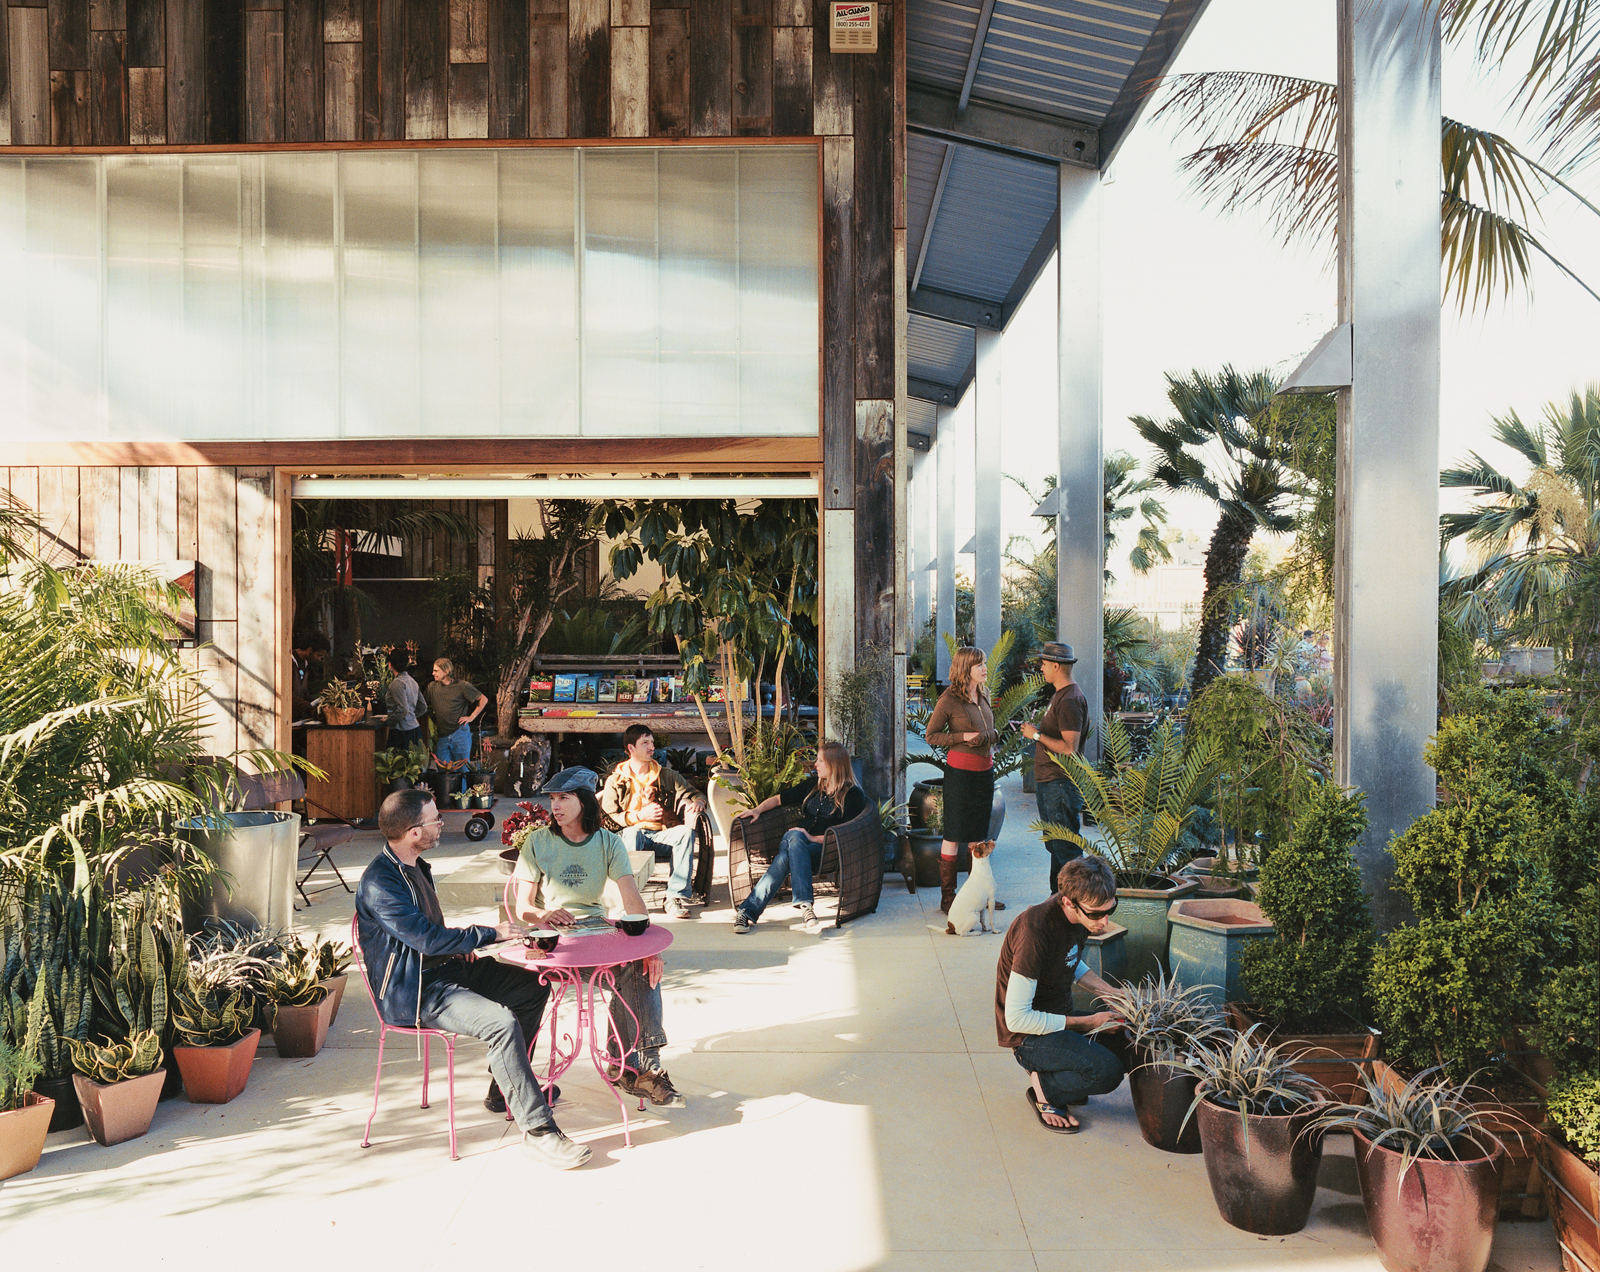 flora grubb gardens cafe